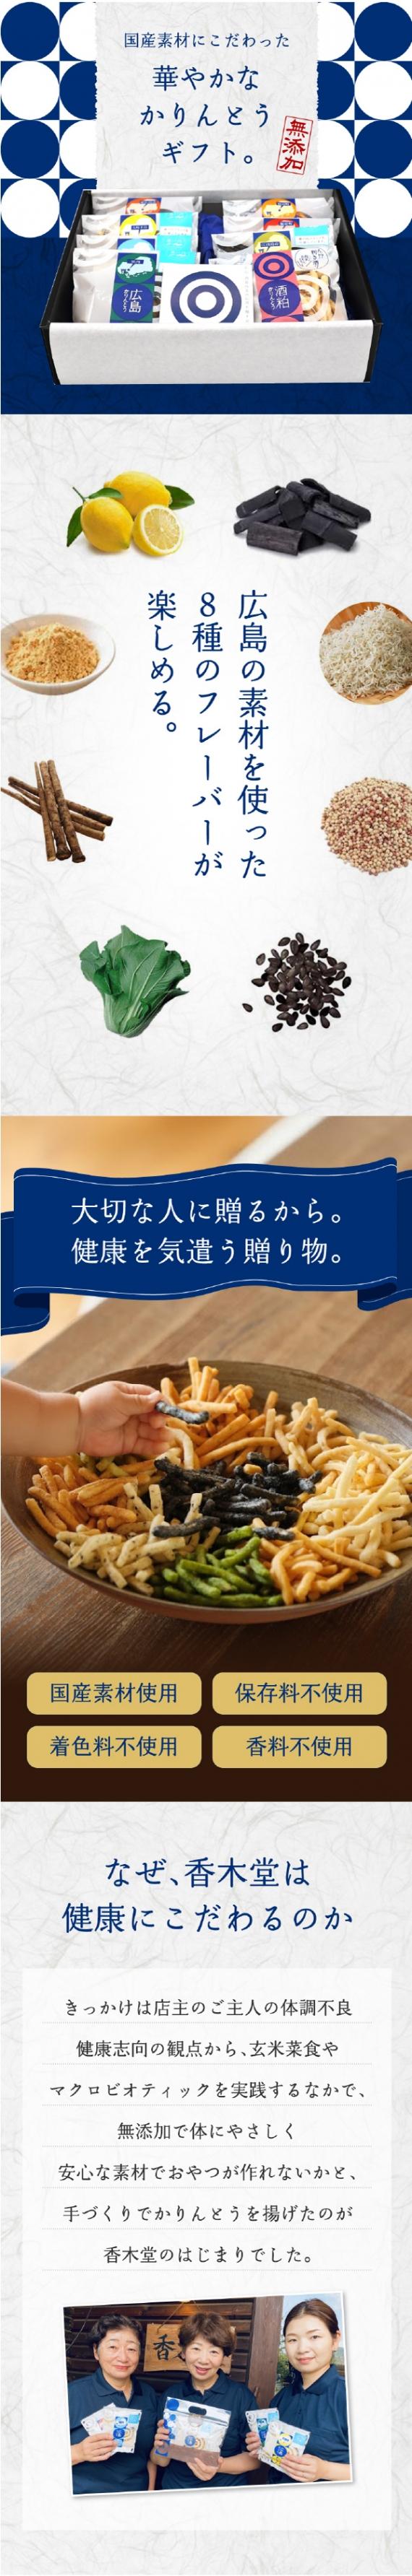 広島のかりんとう屋さん【香木堂】 広島かりんとう物語8種入り